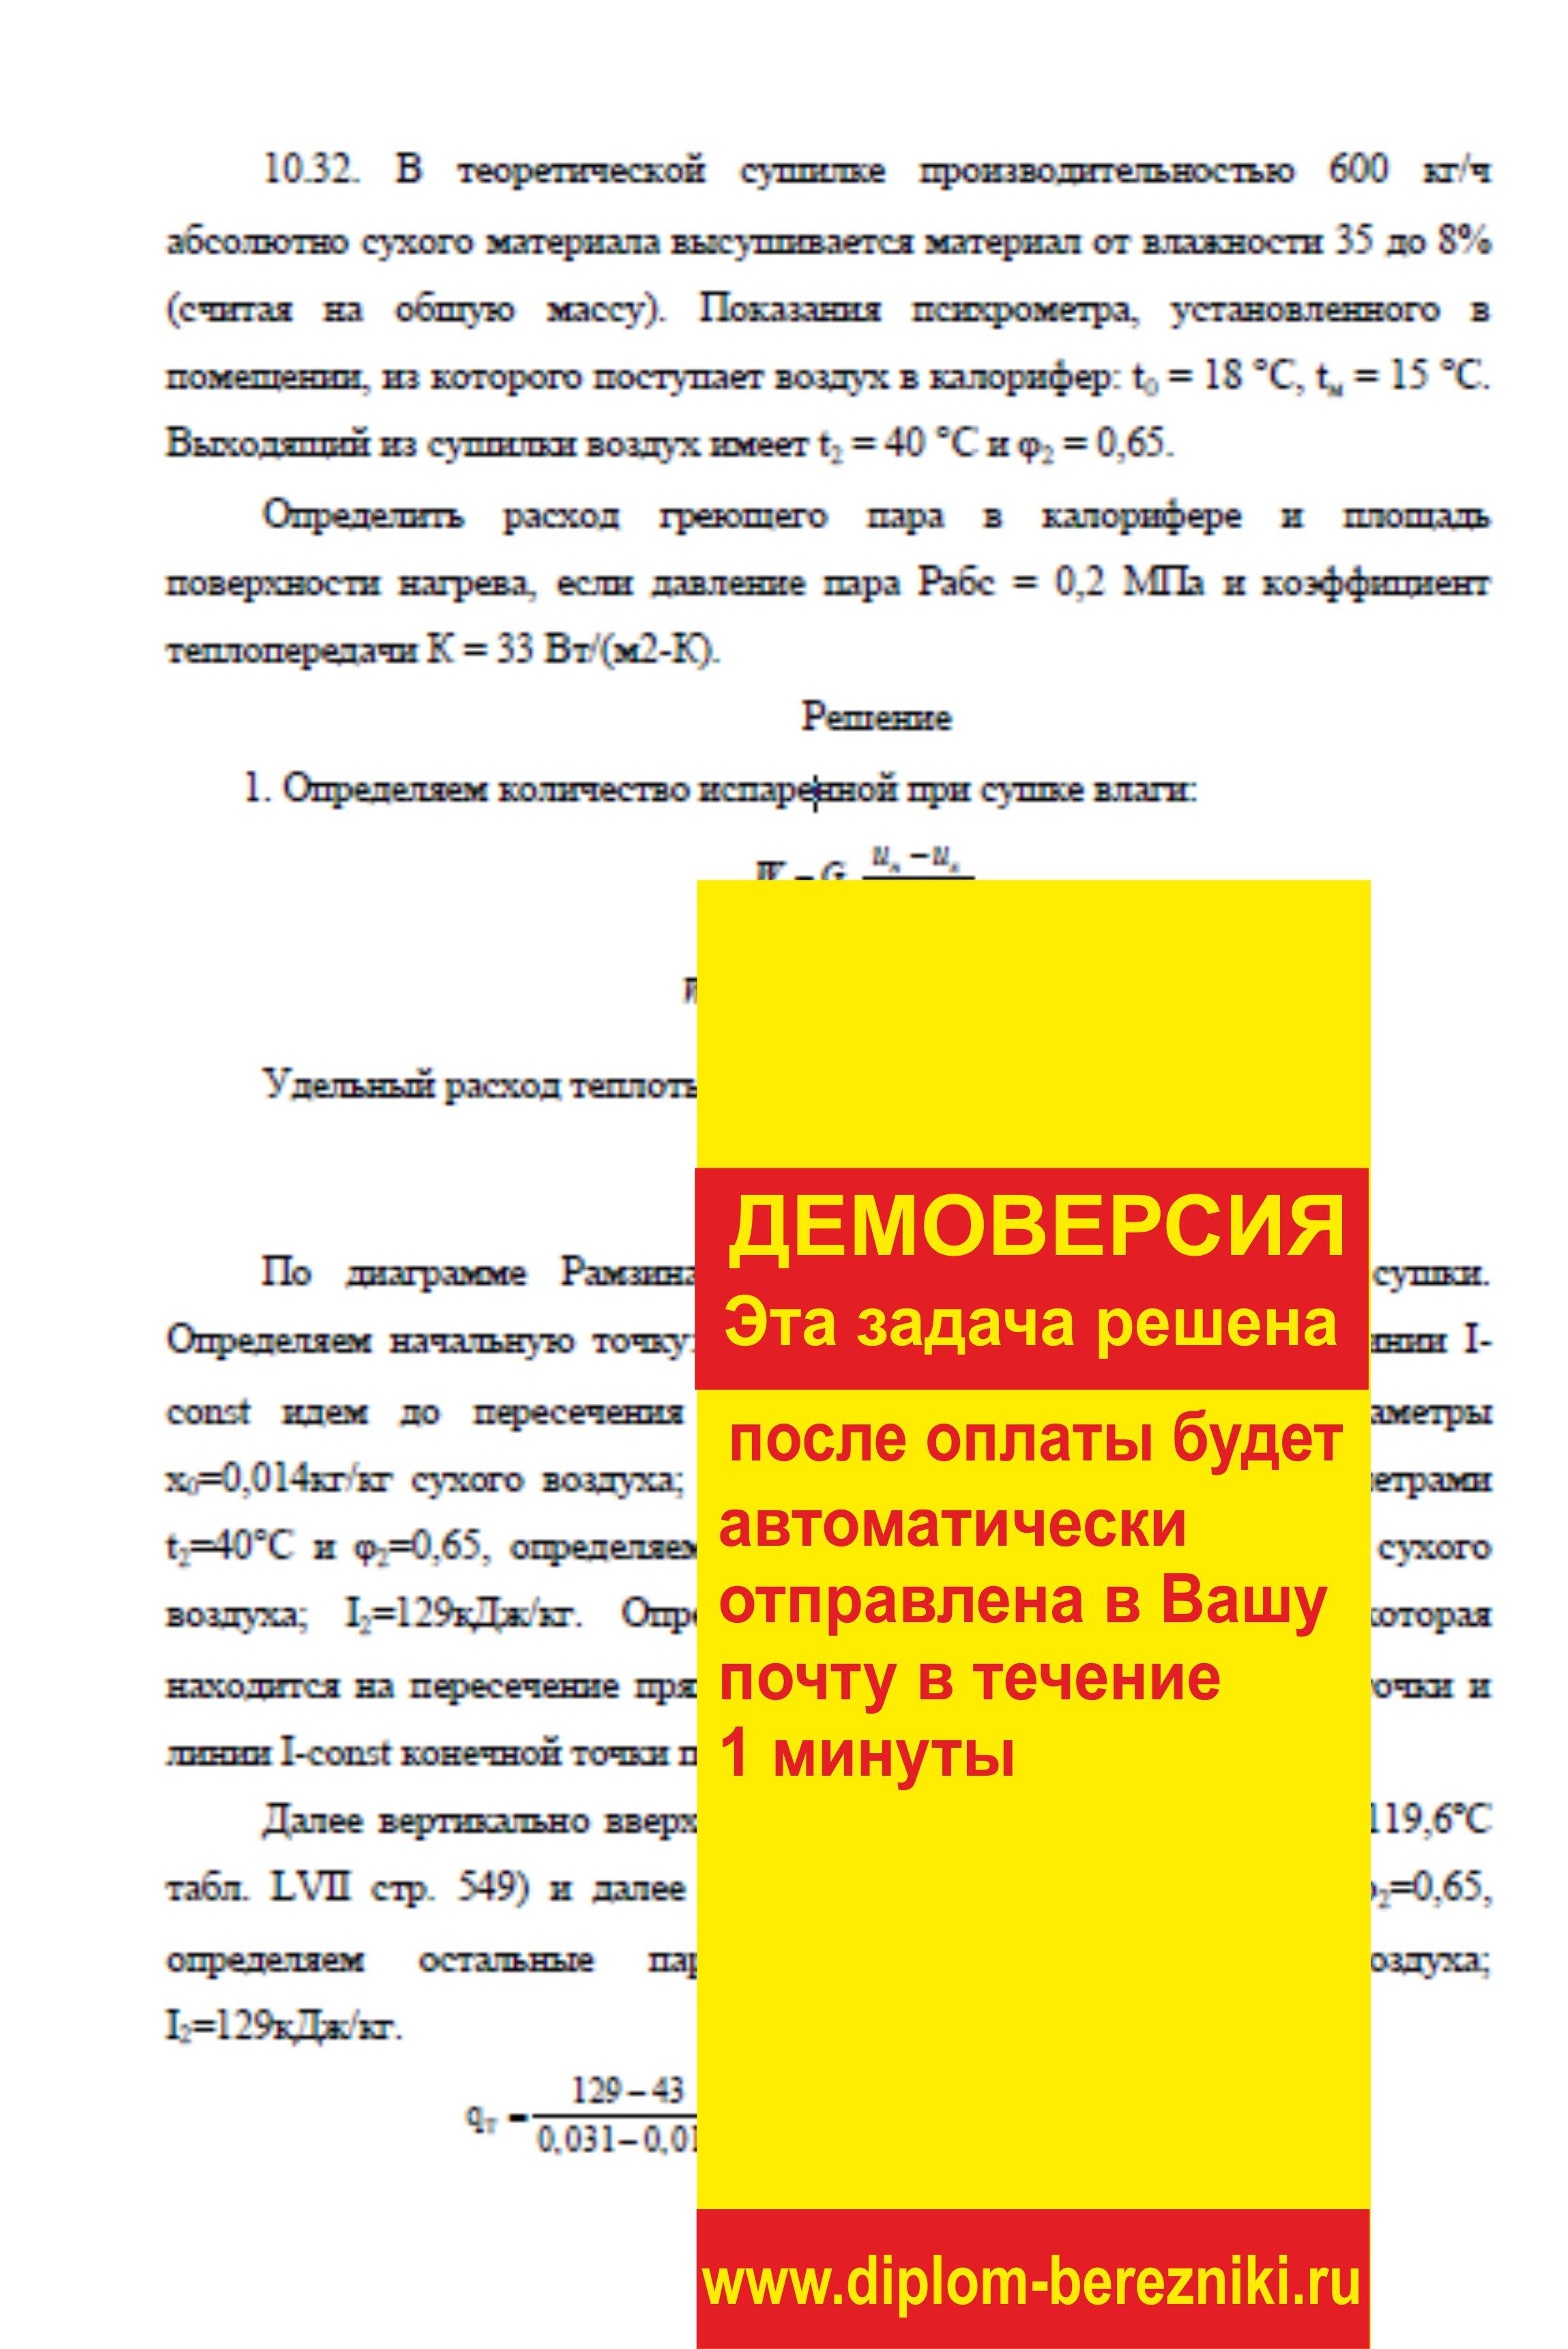 Решение задачи 10.32 по ПАХТ из задачника Павлова Романкова Носкова